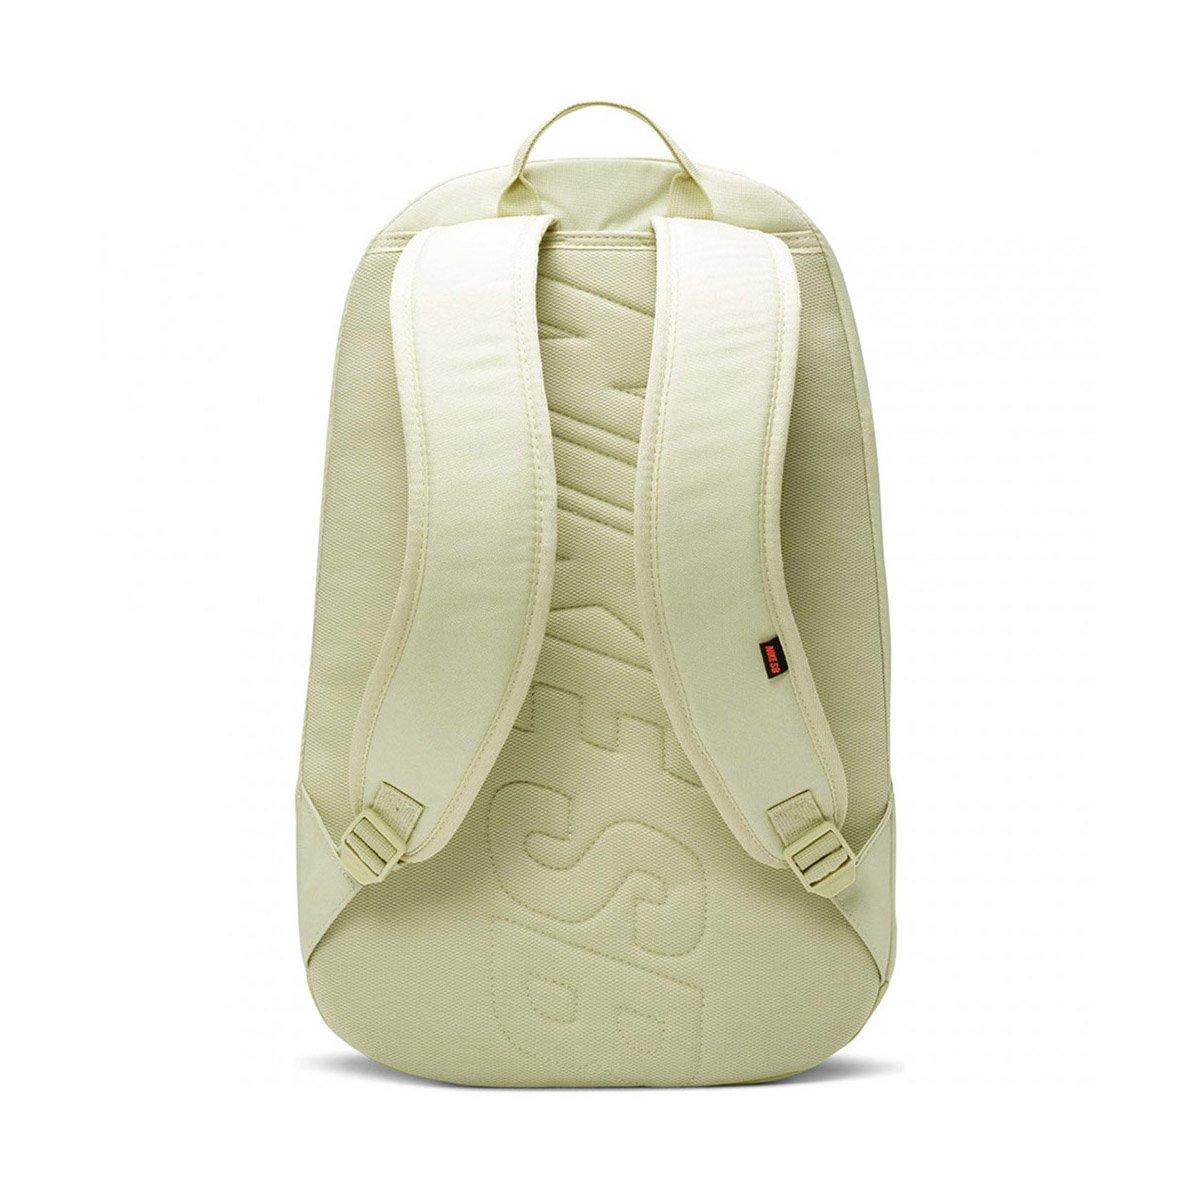 Mochila Nike SB Courthouse Backpack Nude - Surf Trip